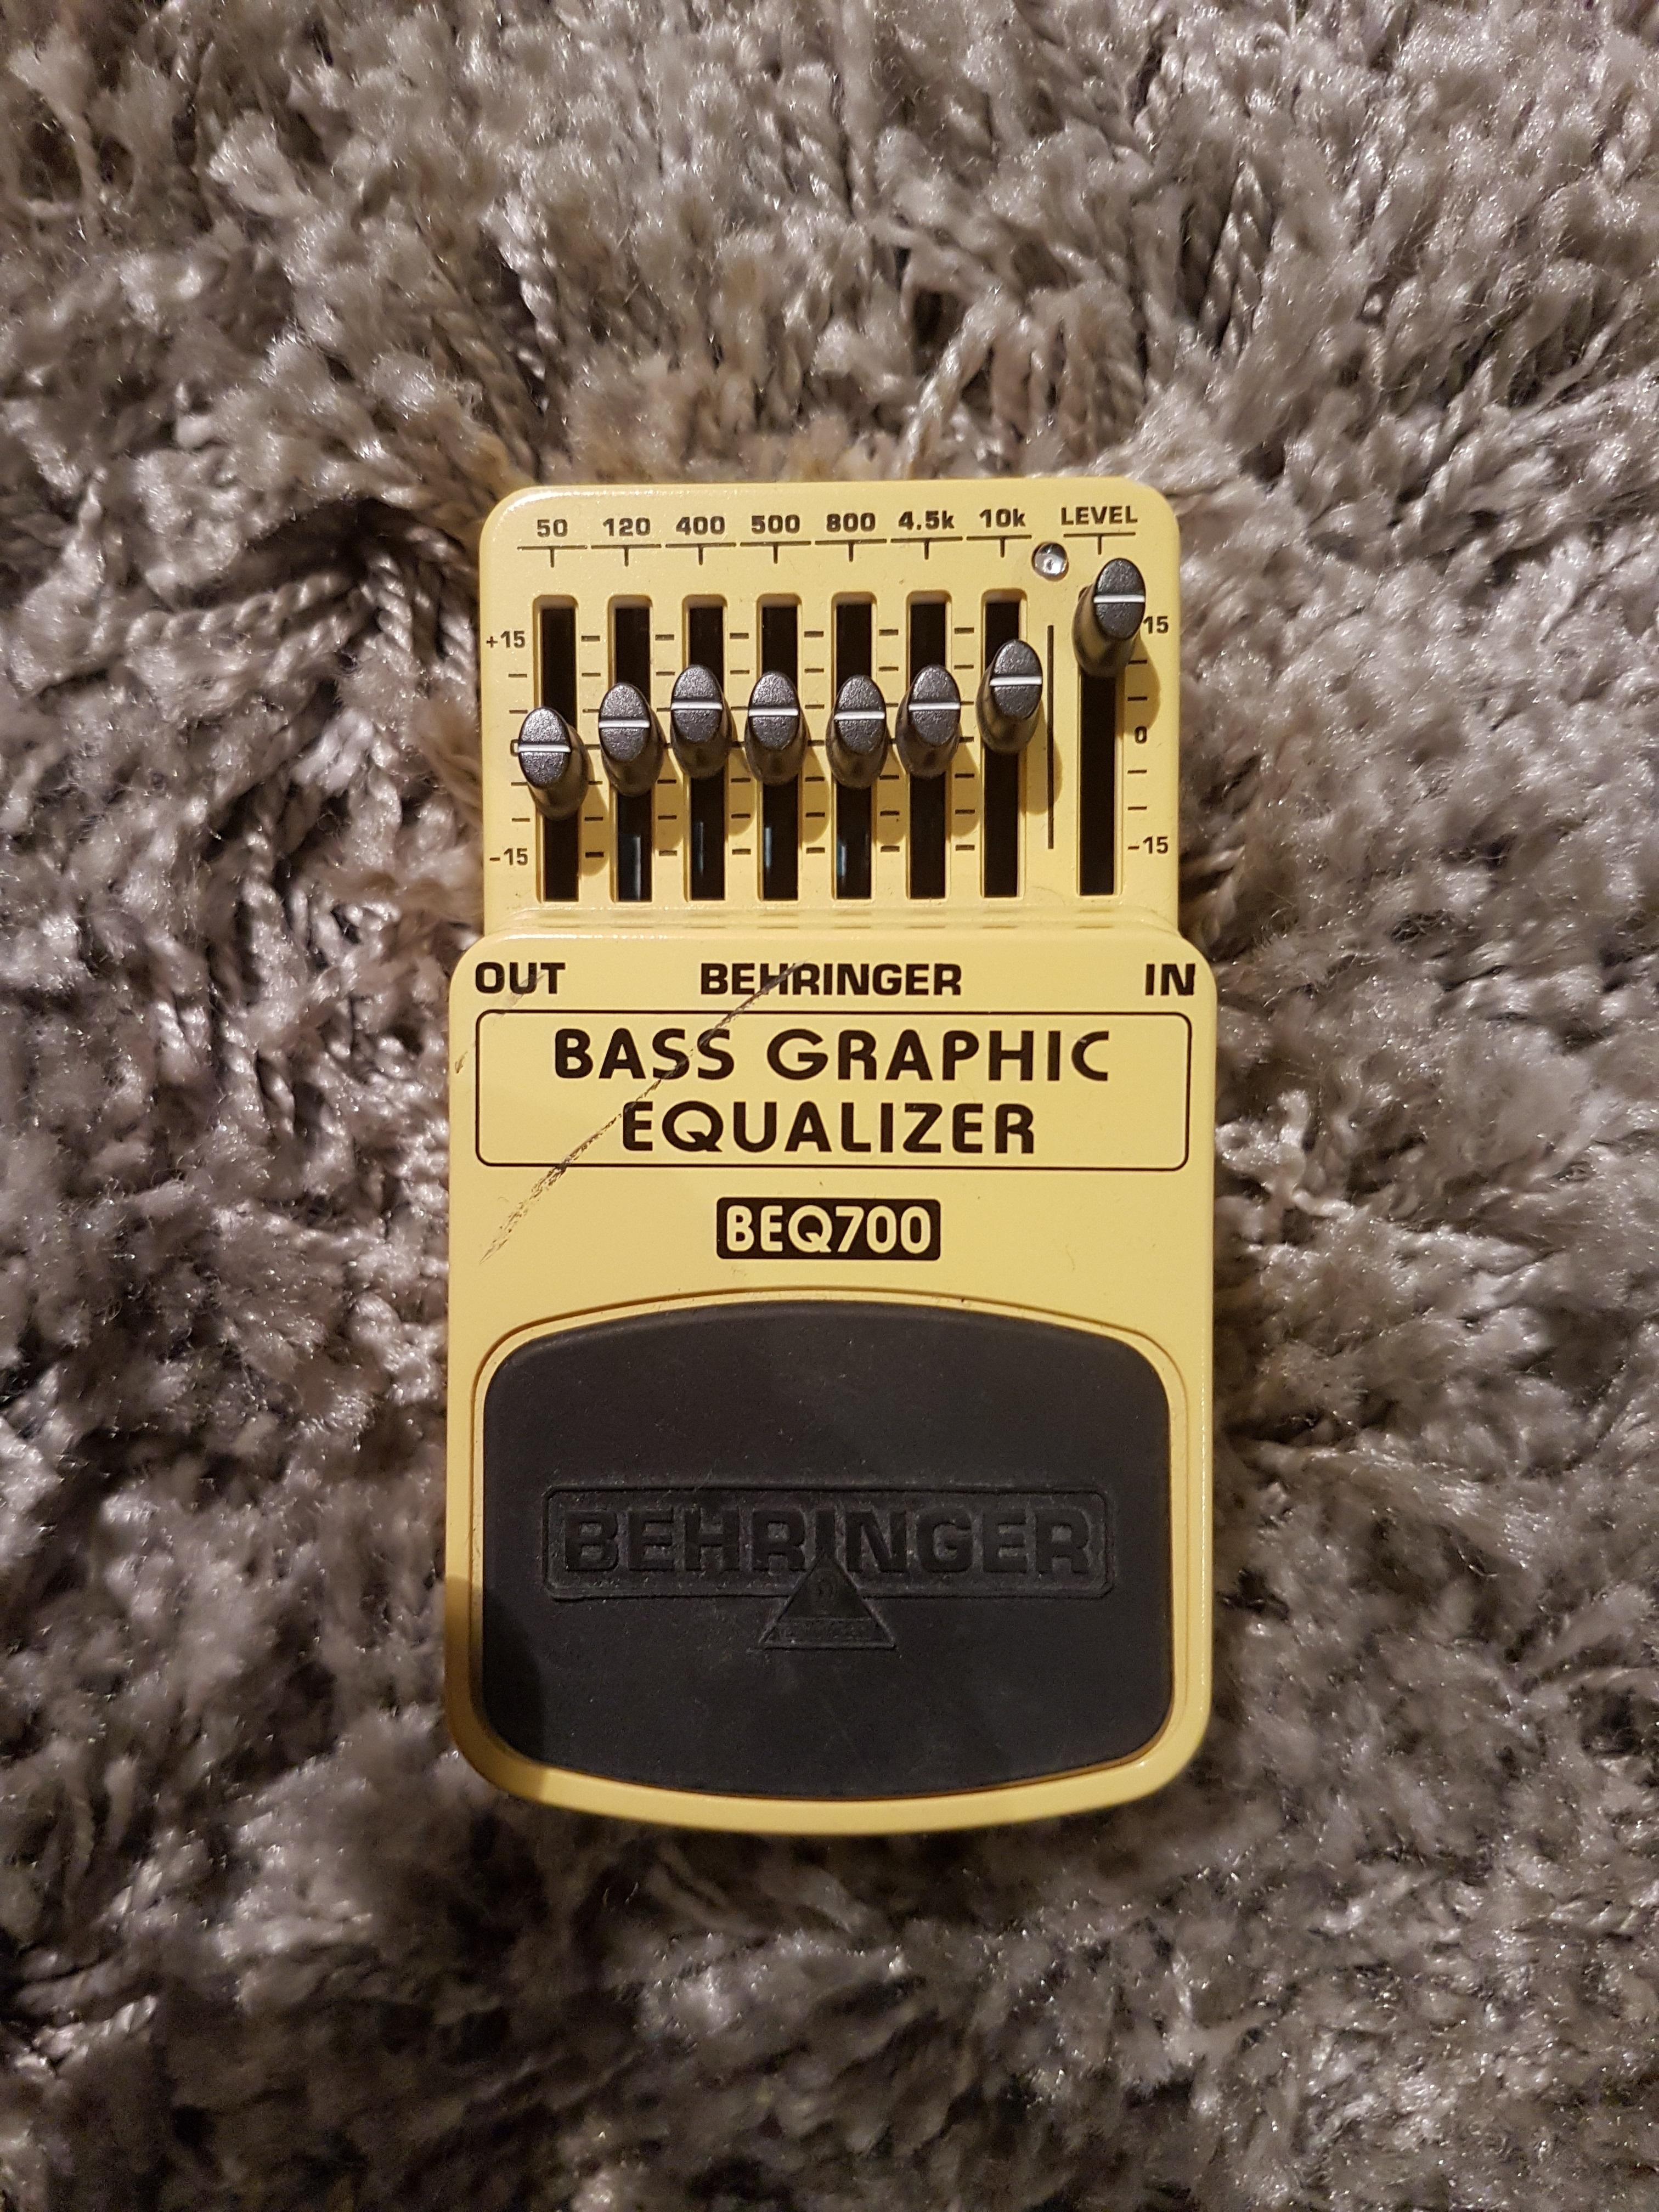 bass graphic equalizer beq700 behringer audiofanzine. Black Bedroom Furniture Sets. Home Design Ideas